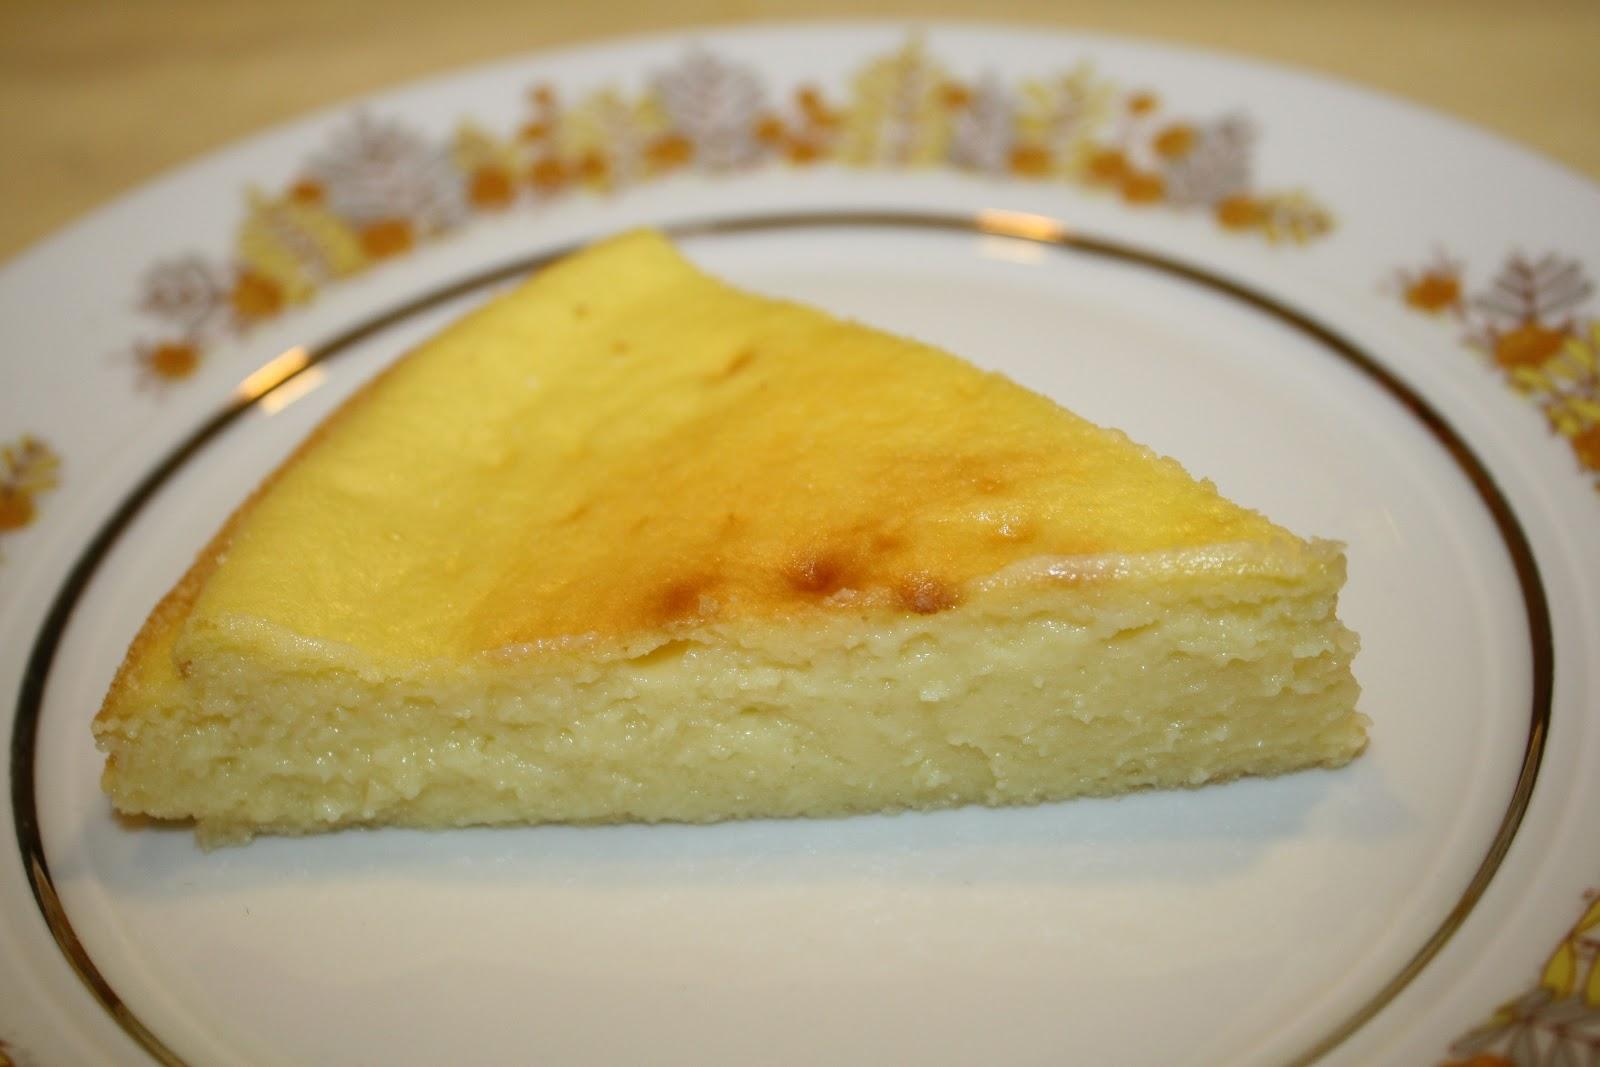 La Cuciniera Moderna: Dolci Senza Glutine: Il Budino Di Farina Di Riso #A68125 1600 1067 Cucina Mediterranea Senza Glutine